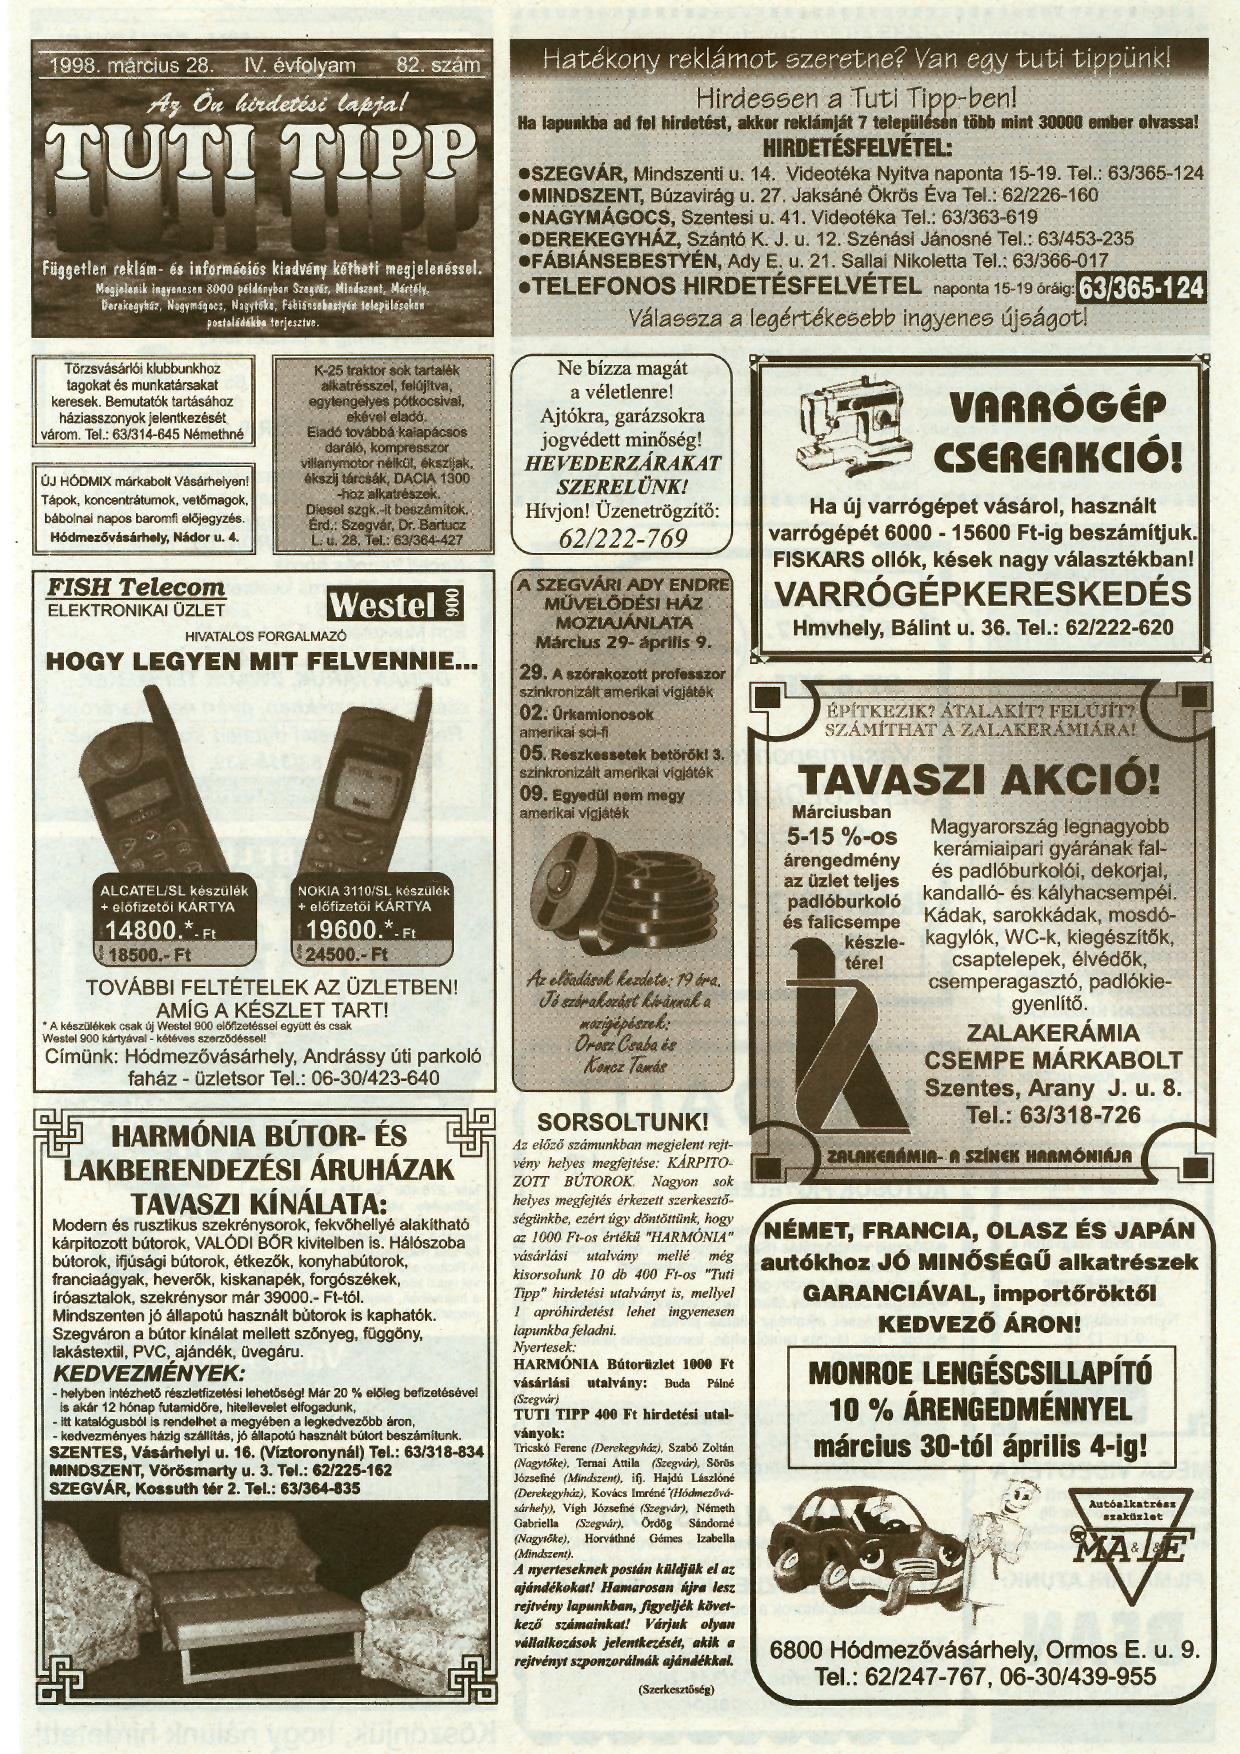 009 Tuti Tipp reklámújság - 19980328-082. lapszám - 1.oldal - IV. évfolyam.jpg